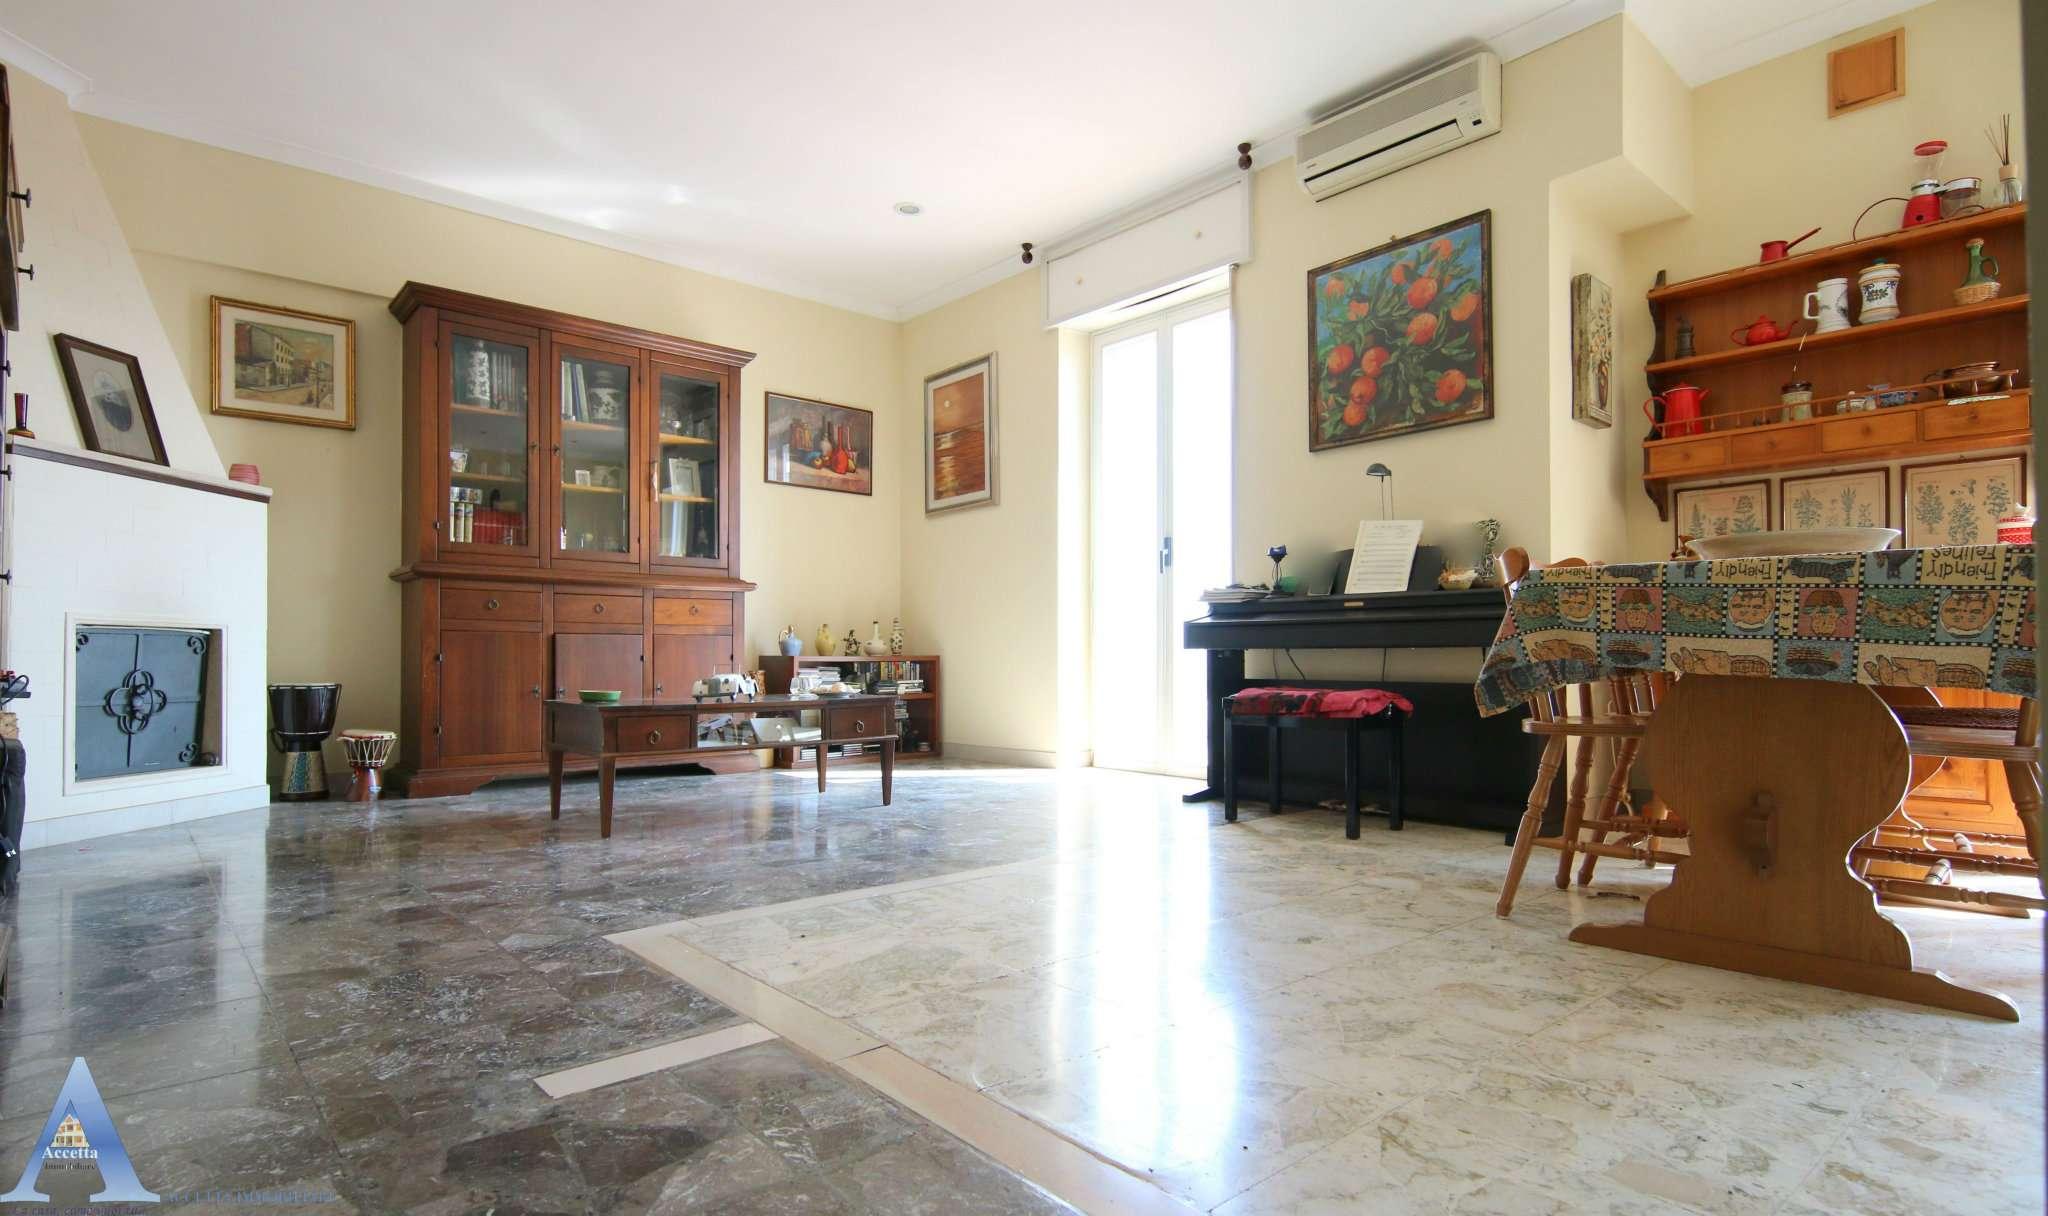 Appartamento in vendita a San Giorgio Ionico, 3 locali, prezzo € 75.000   CambioCasa.it